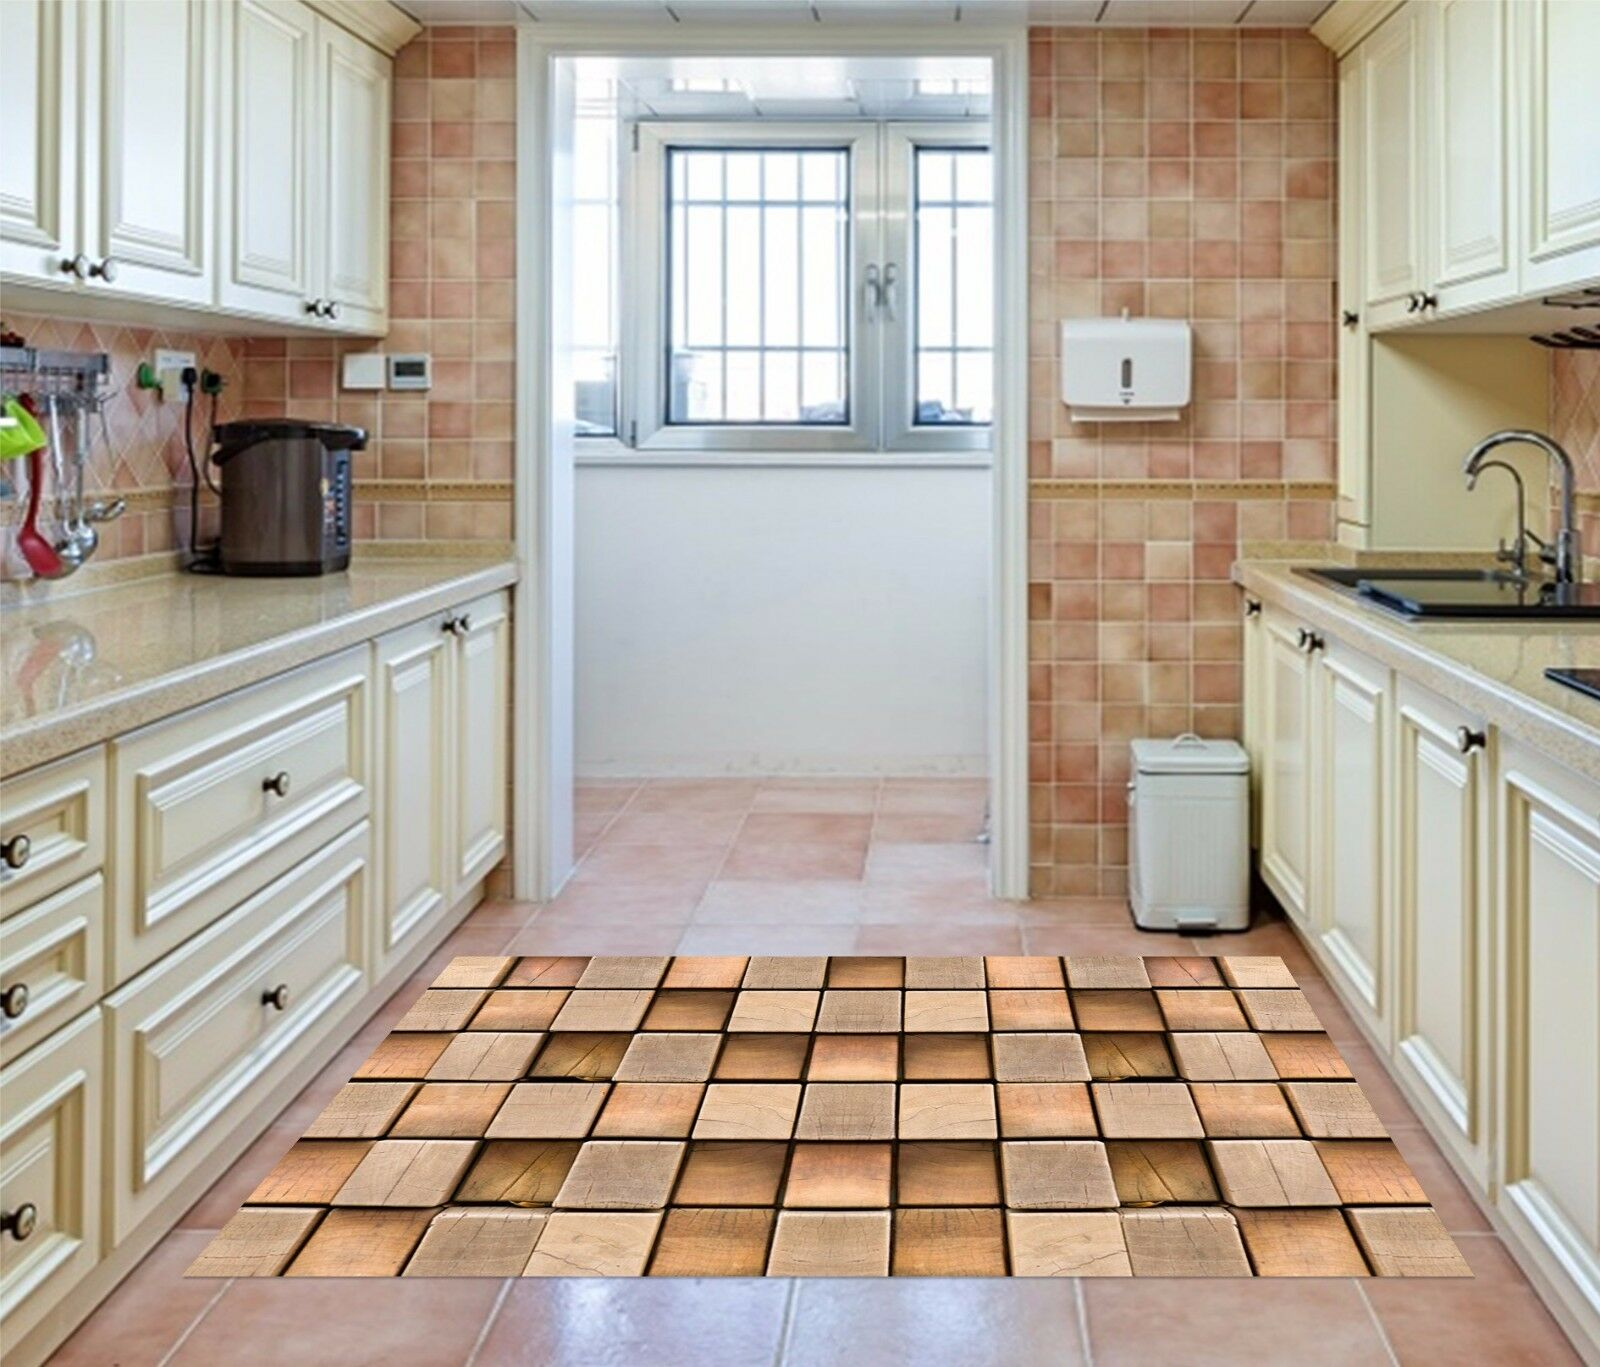 3D Wooden Squares Kitchen Mat Floor Mural Wall Print Wall Deco AJ WALLPAPER AU